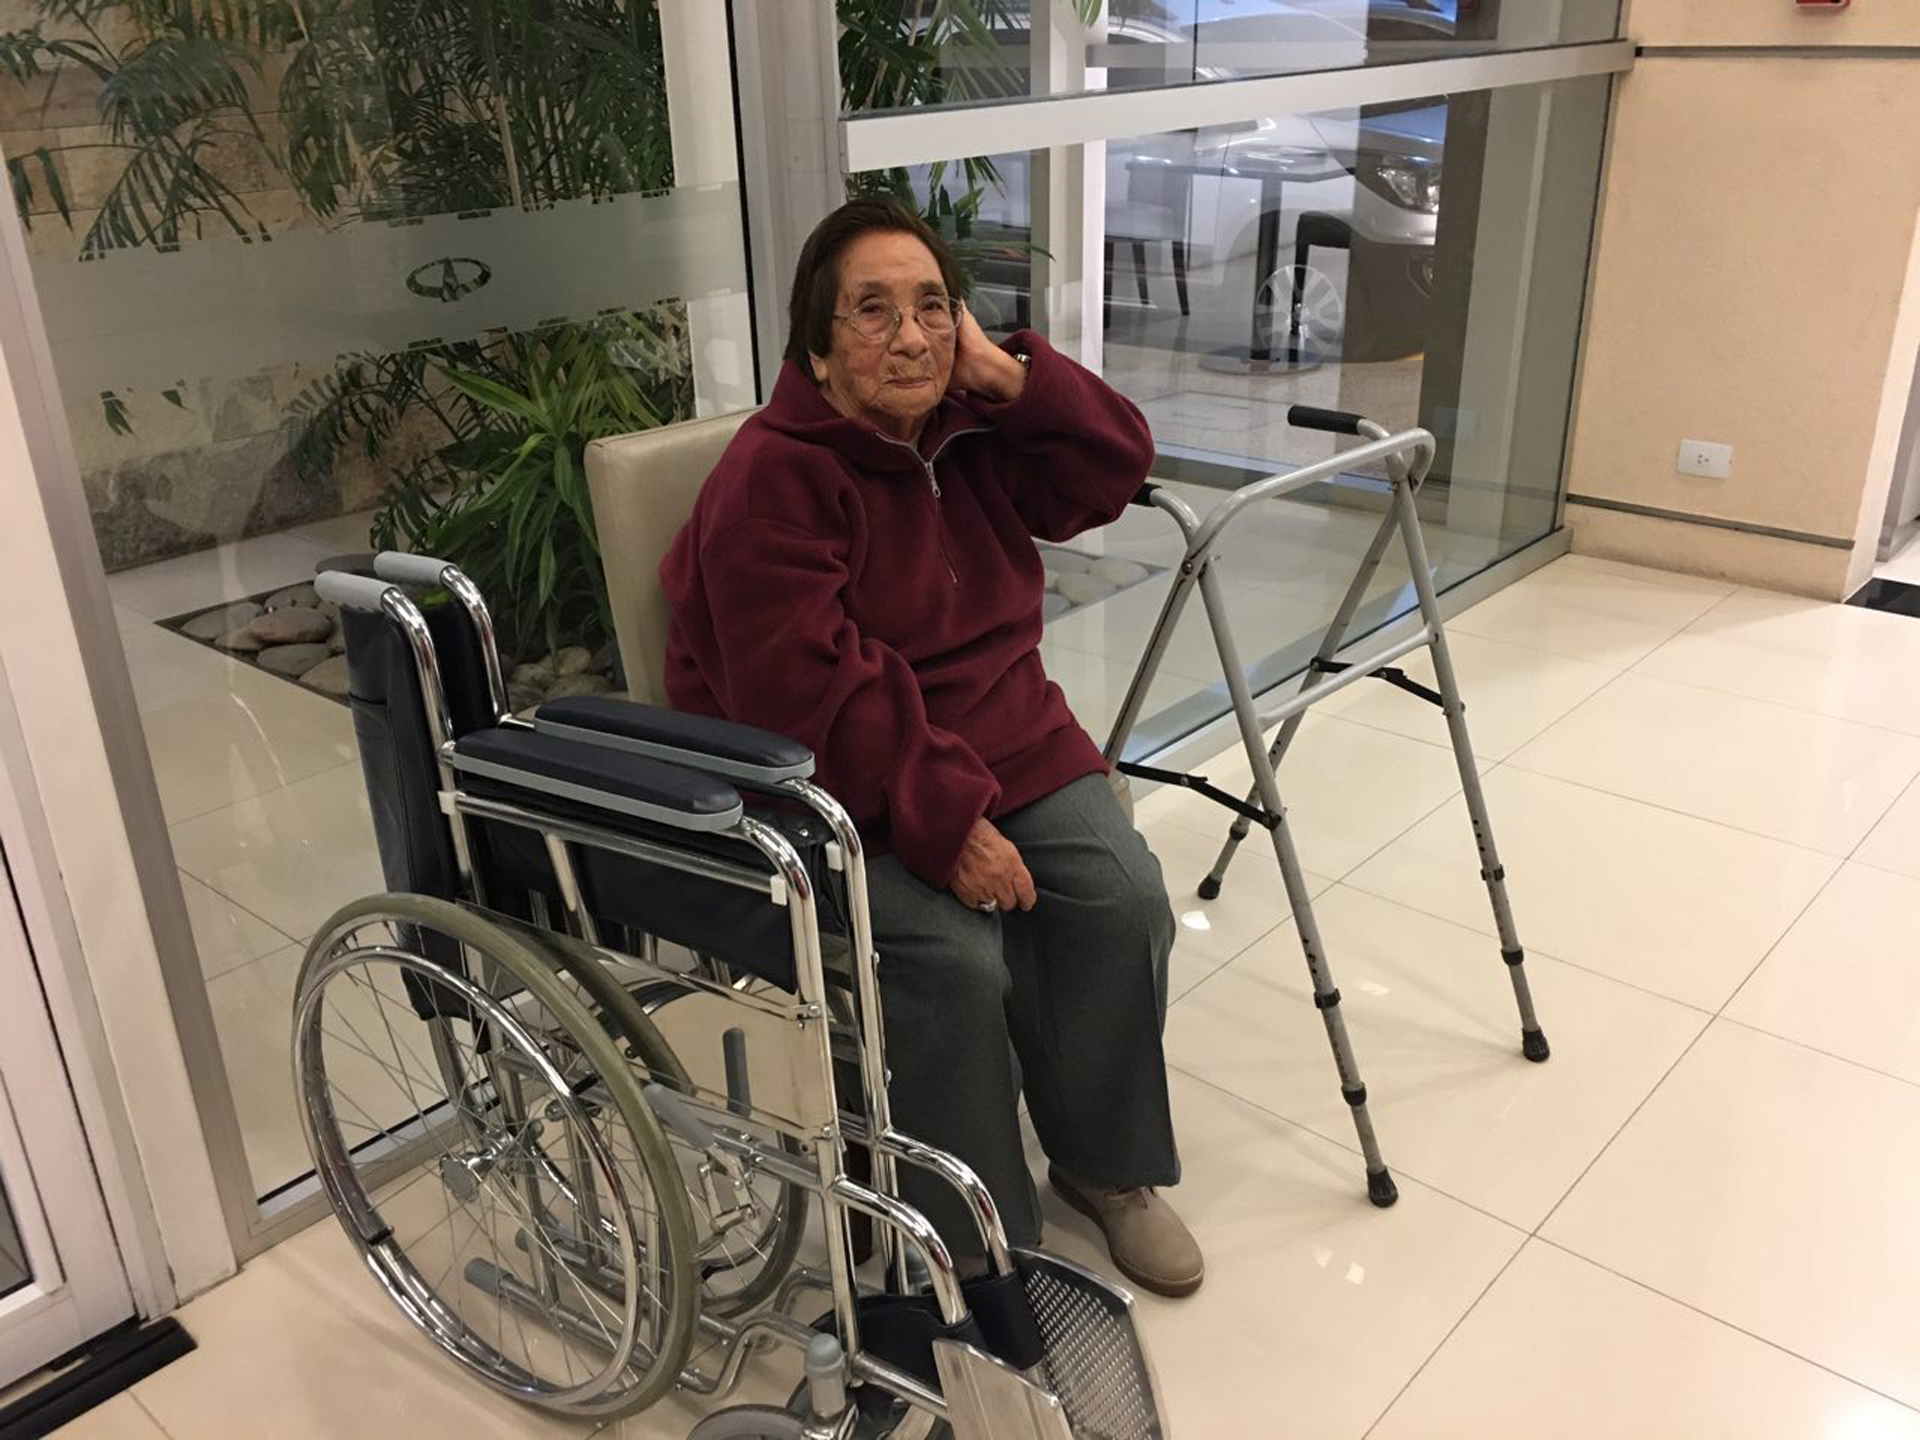 La madre del soldado Manuel Zelarrayán espera para abordar